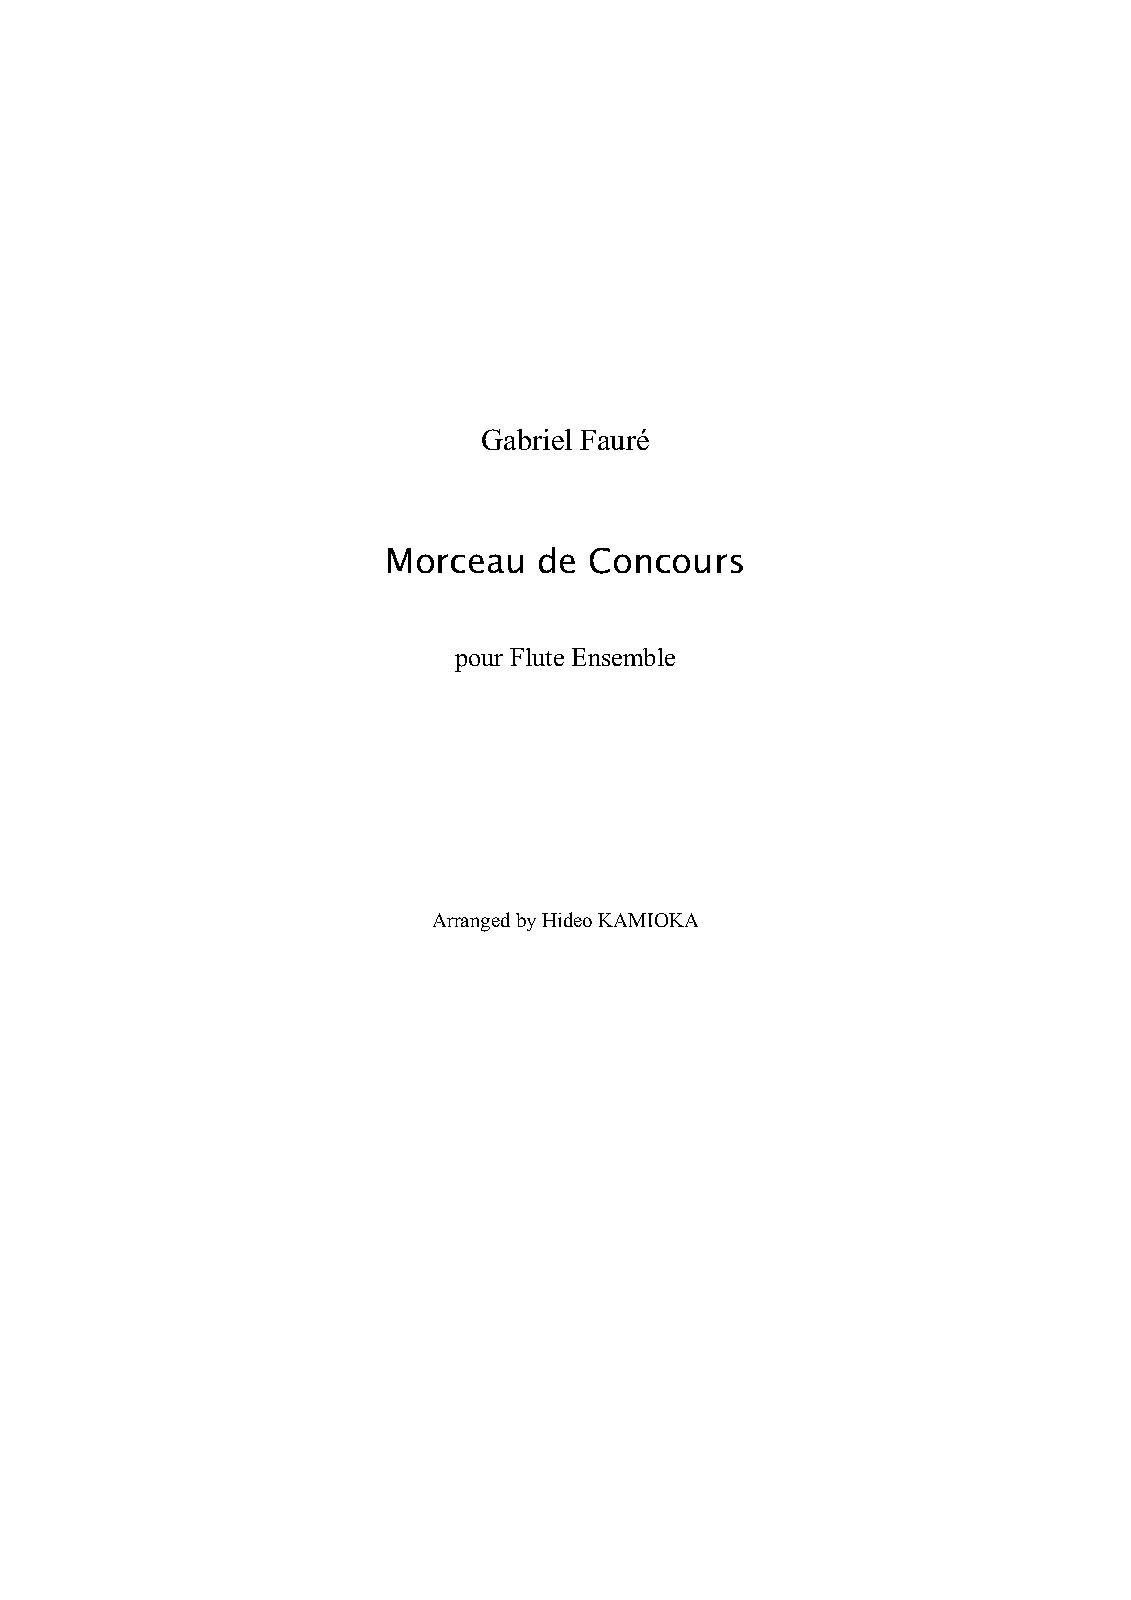 Hervorragend Morceau de concours (Fauré, Gabriel) - IMSLP/Petrucci Music  EA19